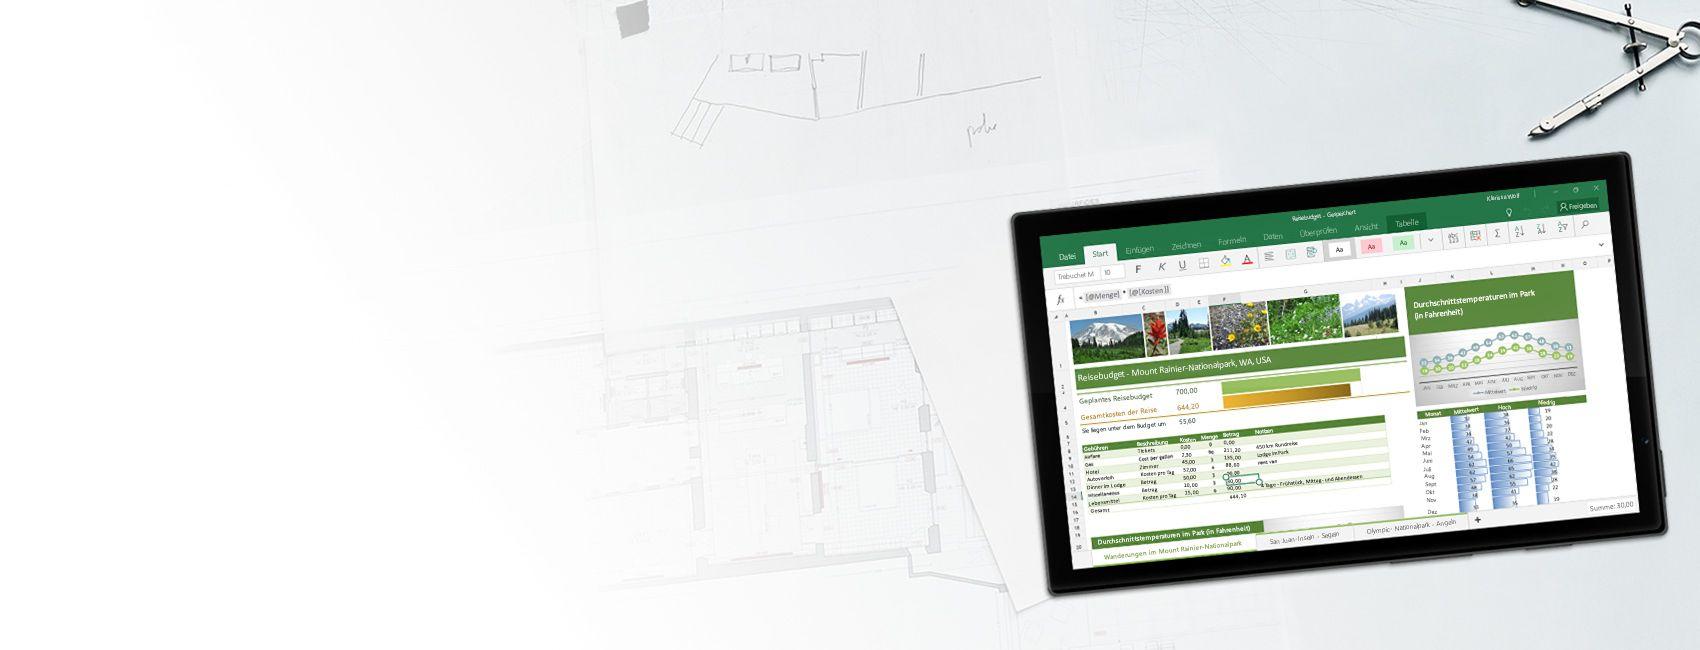 Windows-Tablet mit einem Beispieldiagramm in einer Excel-Tabelle und einem Reisekostenbericht in Excel für Windows 10 Mobile